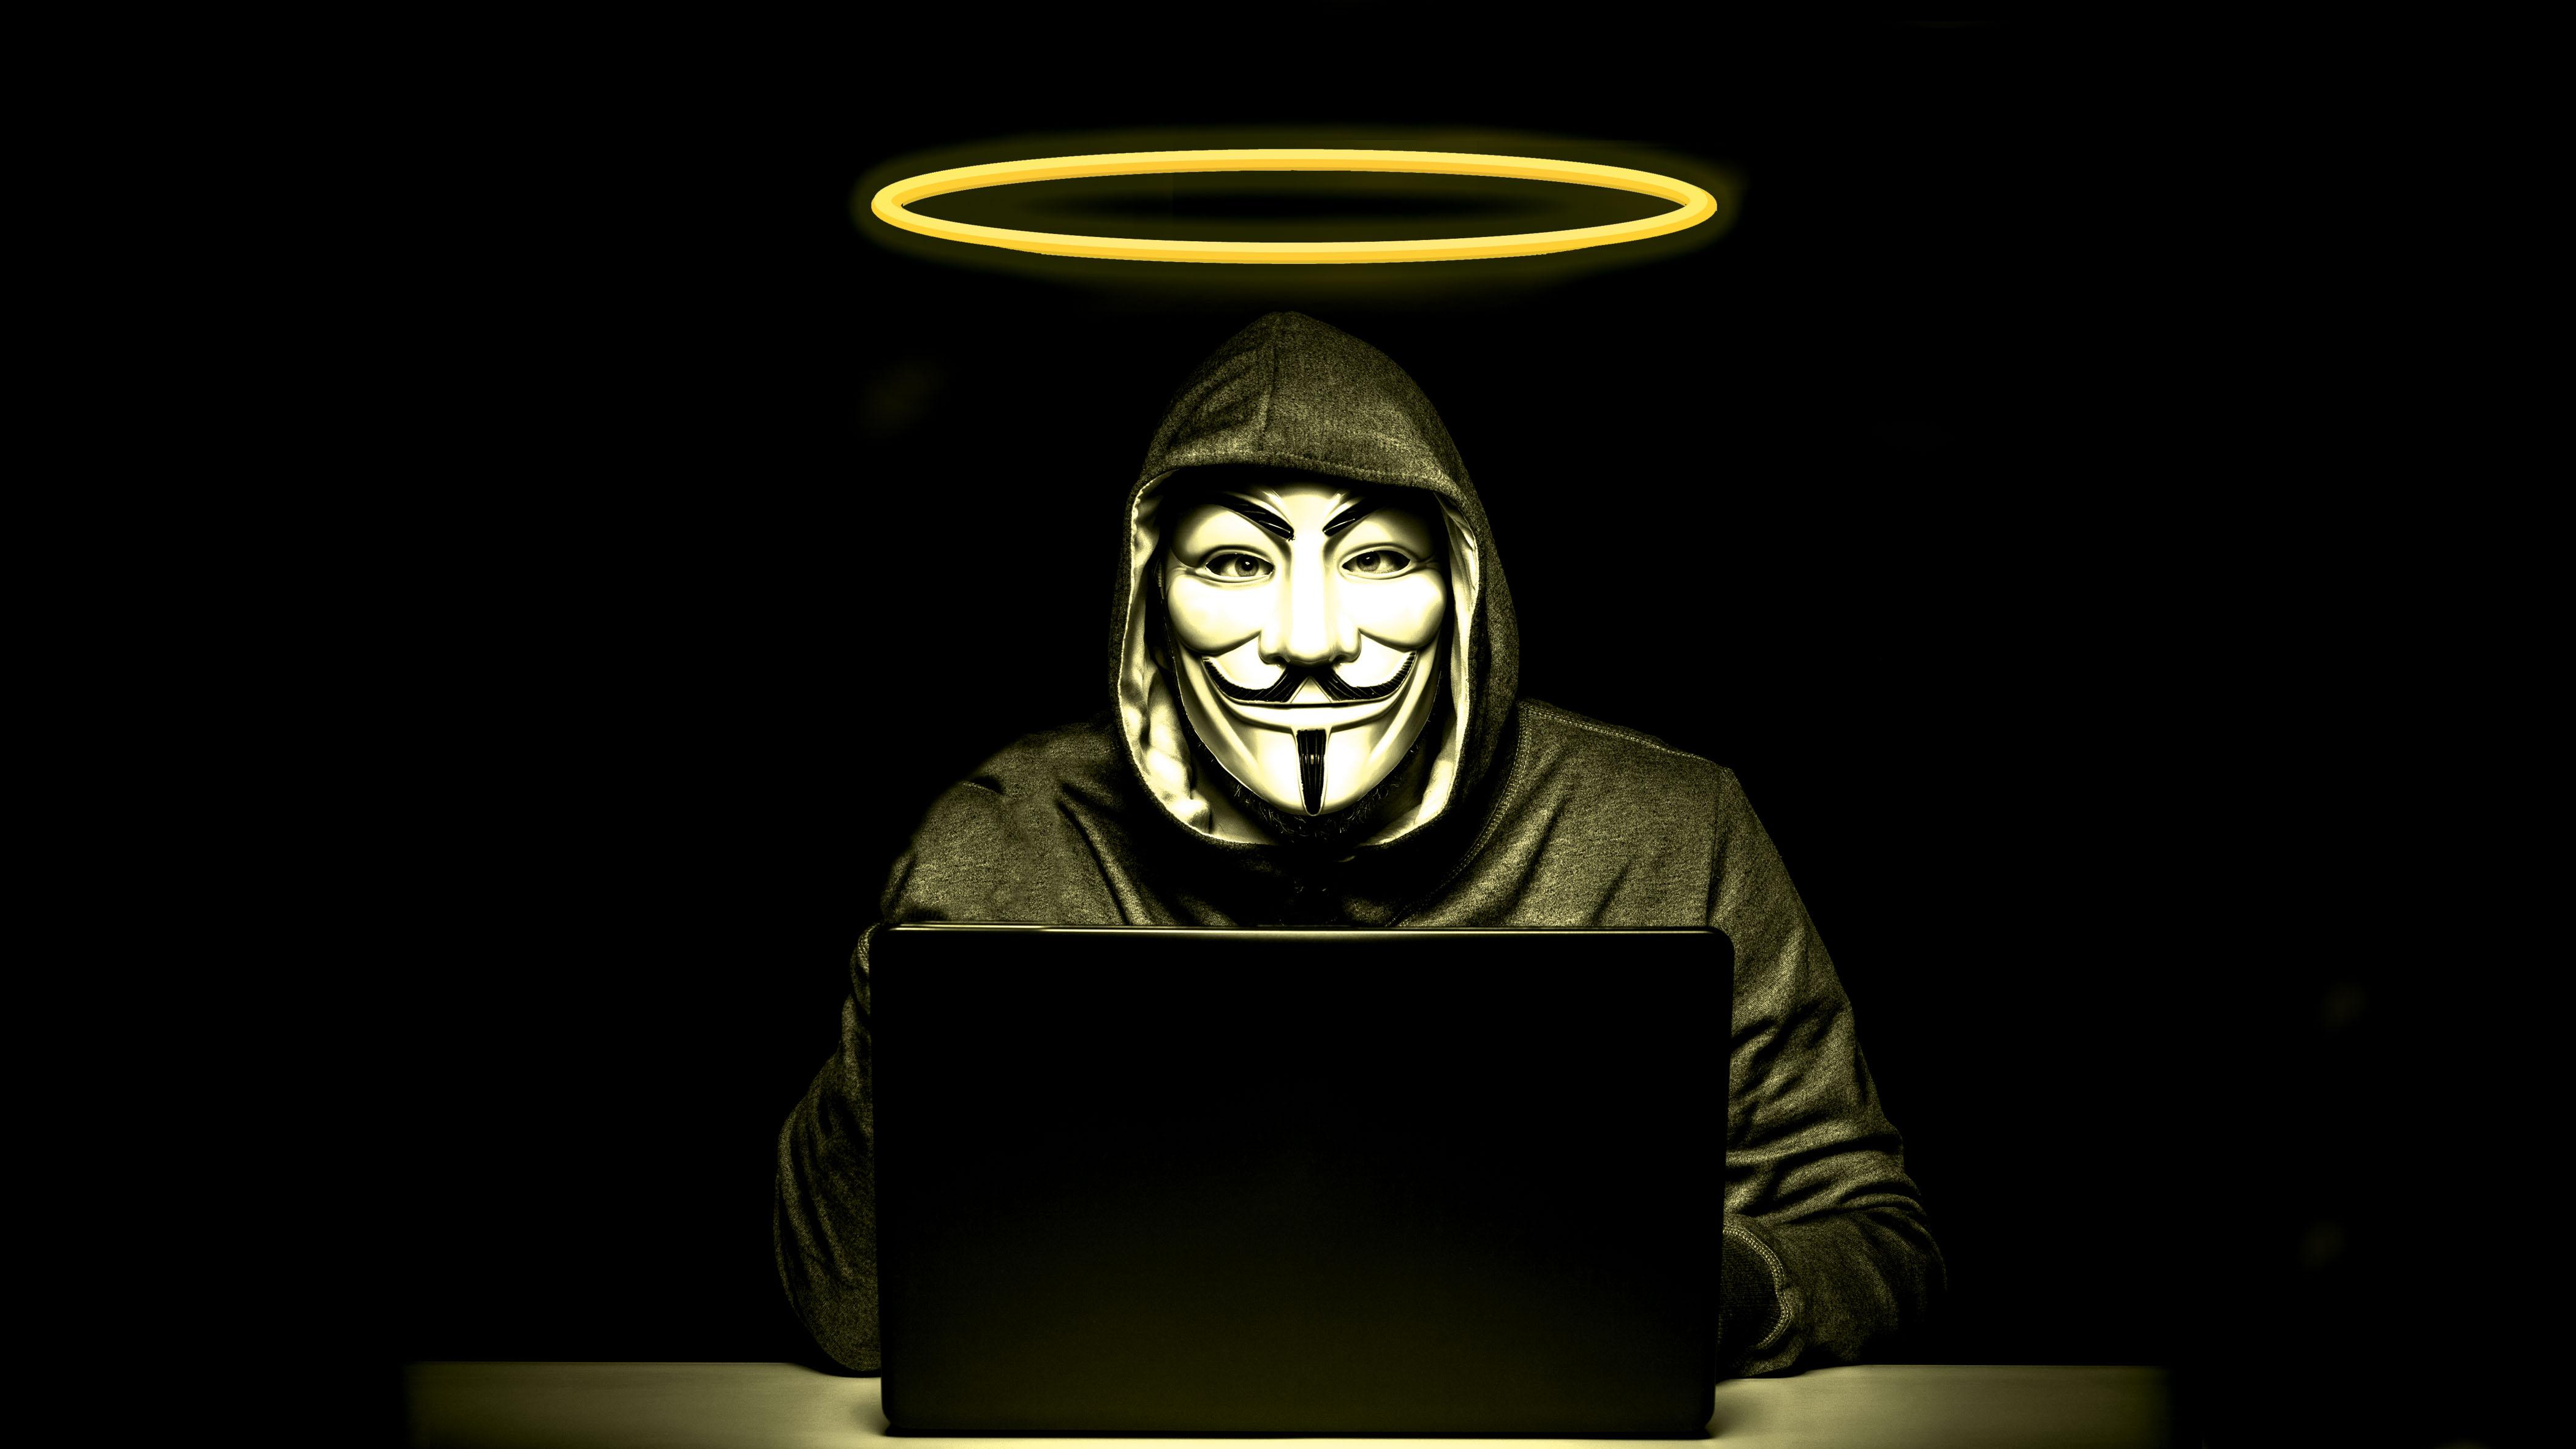 HÌnh ảnh Hacker vòng vàng trên đầu